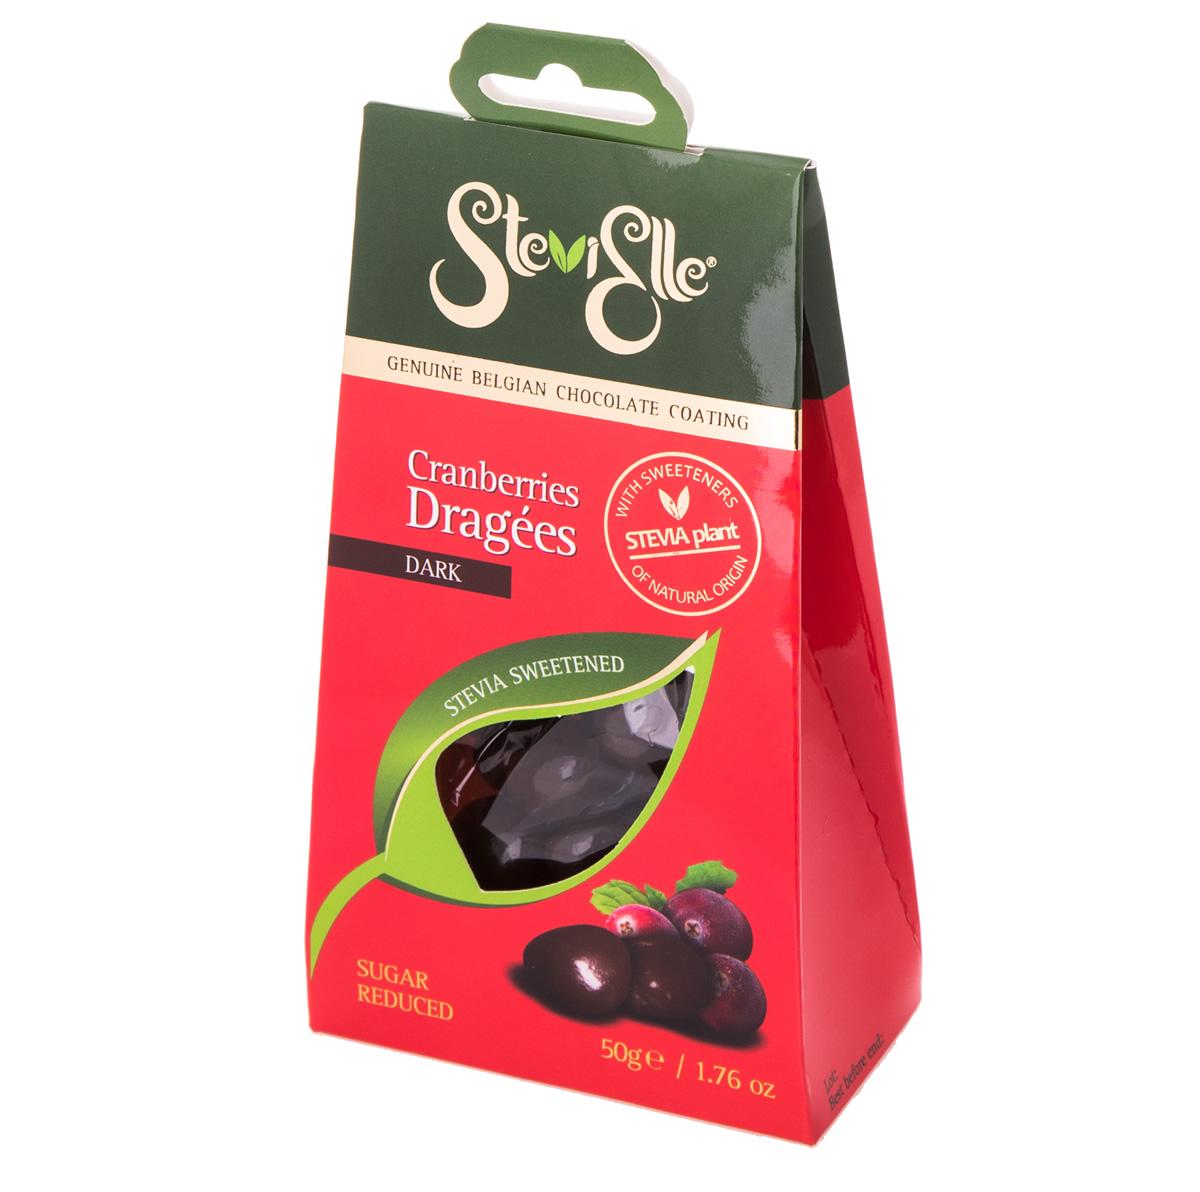 Drajeuri de merișor învelite în ciocolată belgiană neagră Stevielle, 50 g, Hermes Natural